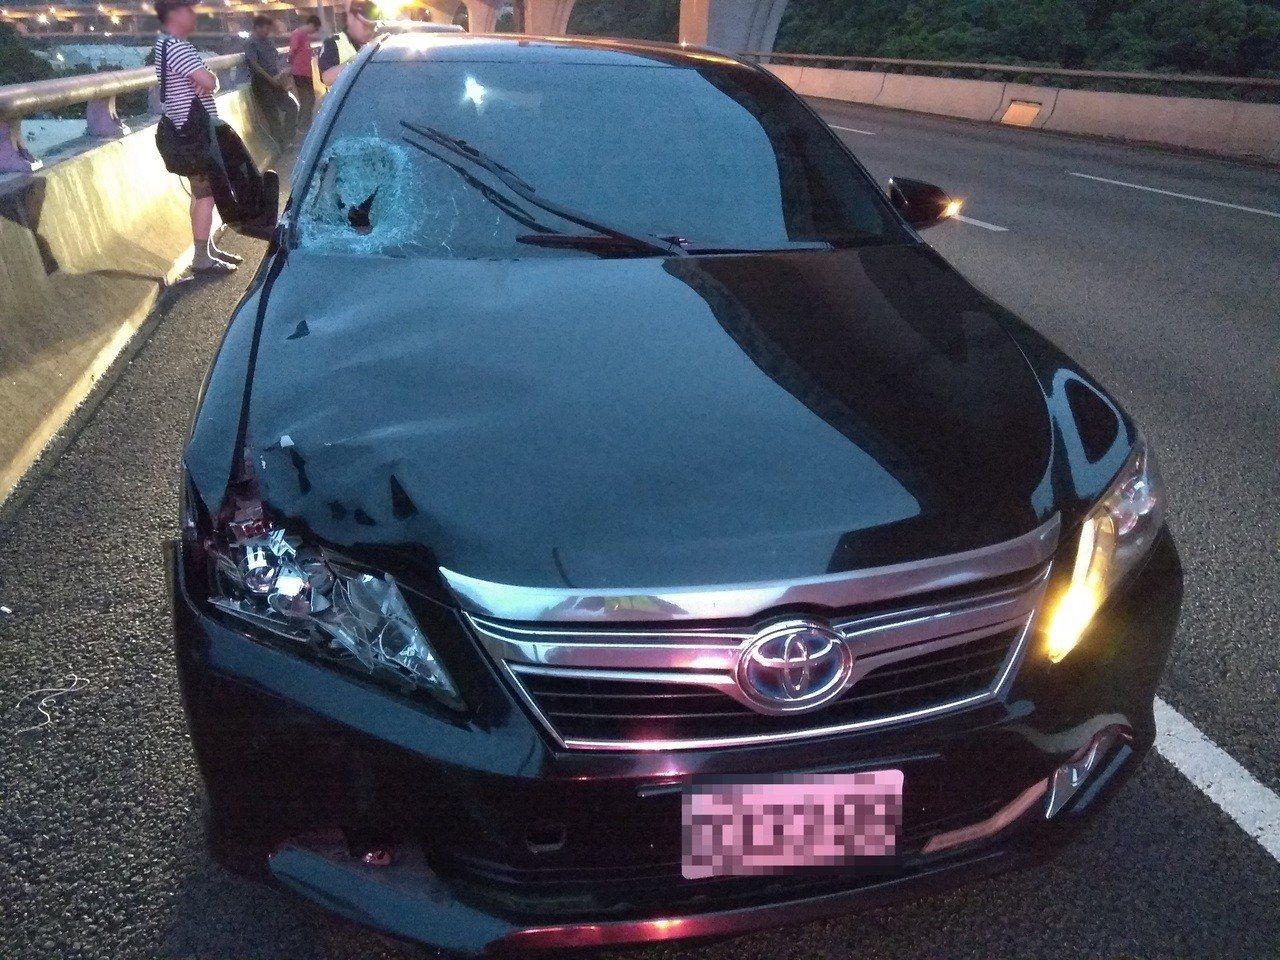 黑色轎車閃避不及,先把柯男撞飛彈到外側車道。記者林昭彰/翻攝